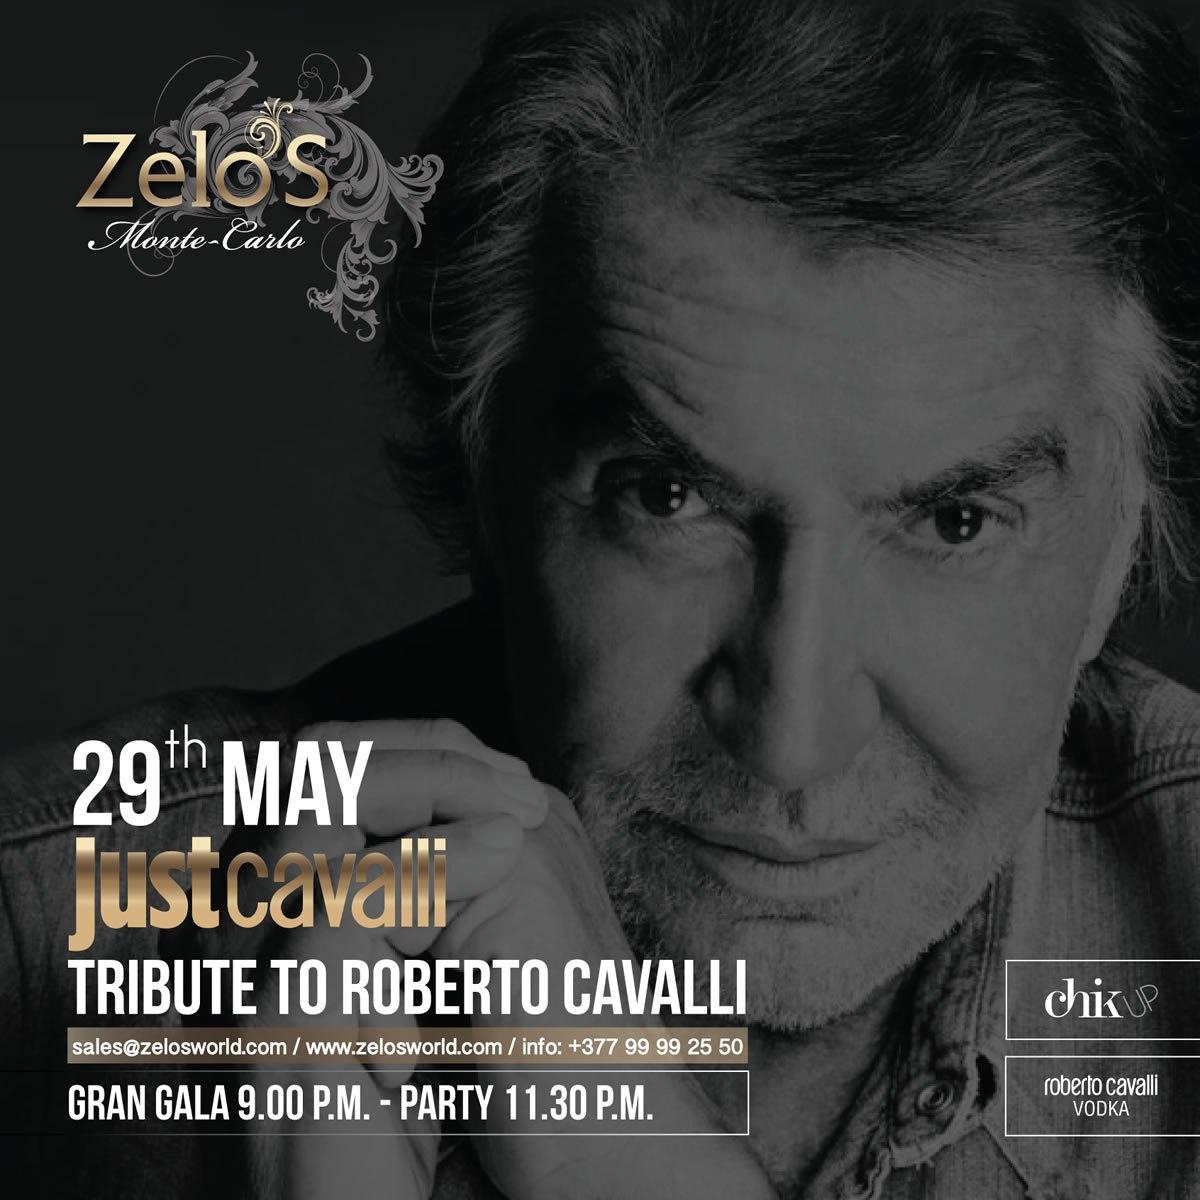 TRIBUTO A ROBERTO CAVALLI